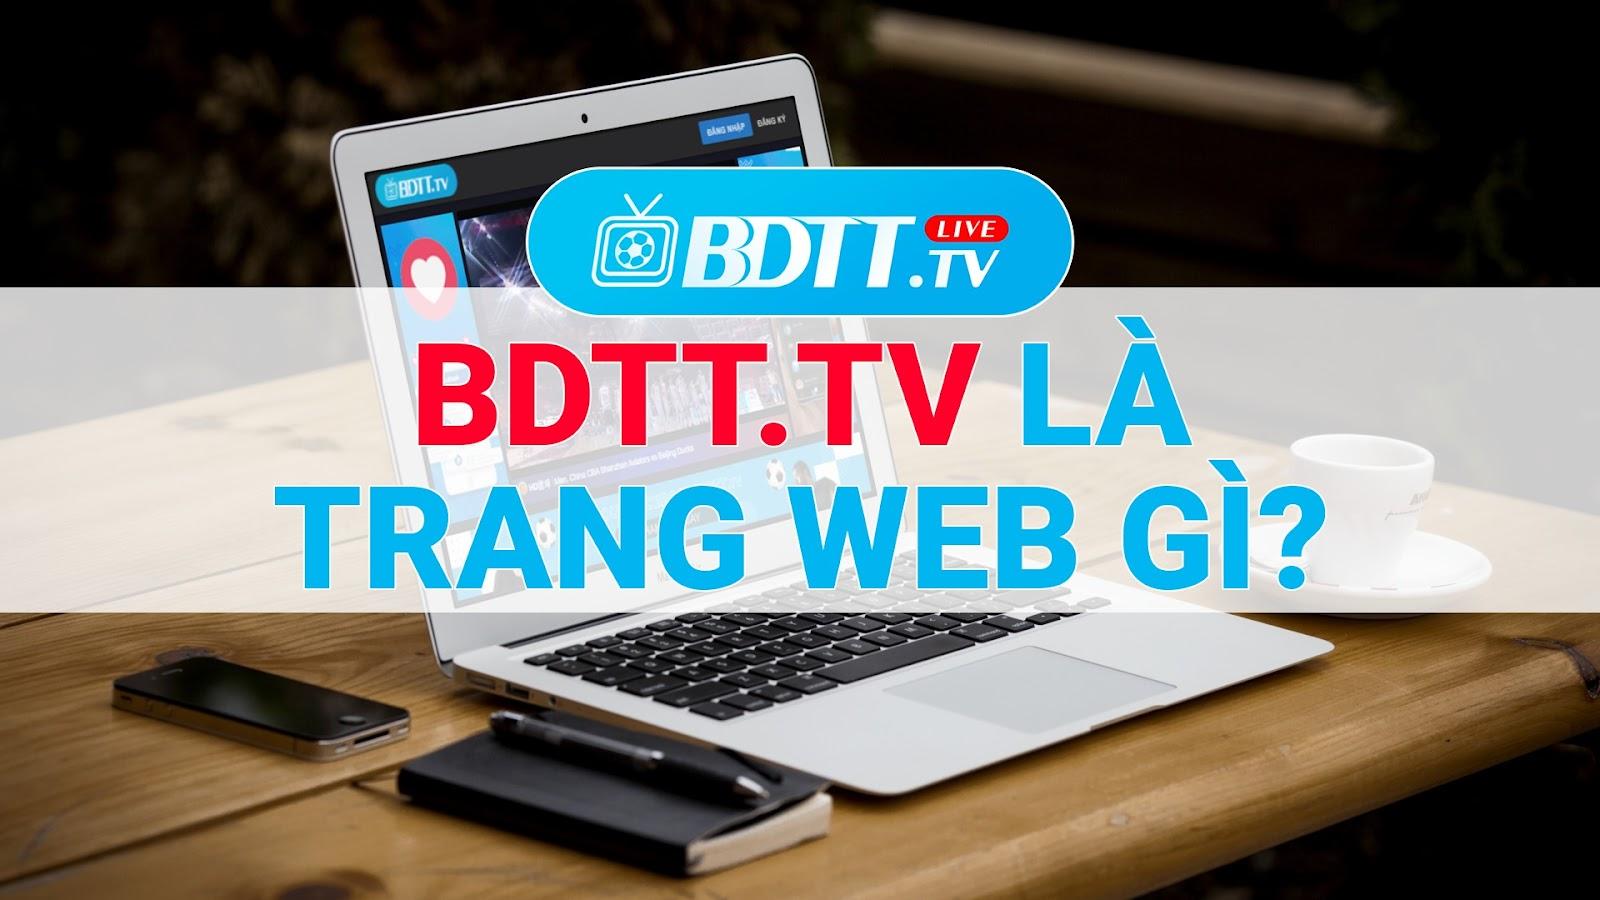 BDTT.tv - Xem trực tiếp bóng đá miễn phí chính thức đi vào hoạt động phục vụ trong thời gian qua, được rất nhiều anh em là Fan ruột của bóng đá gửi lời cảm ơn đến đội ngũ BLV của BDTT.tv, cũng như người sáng lập ra trang web này.